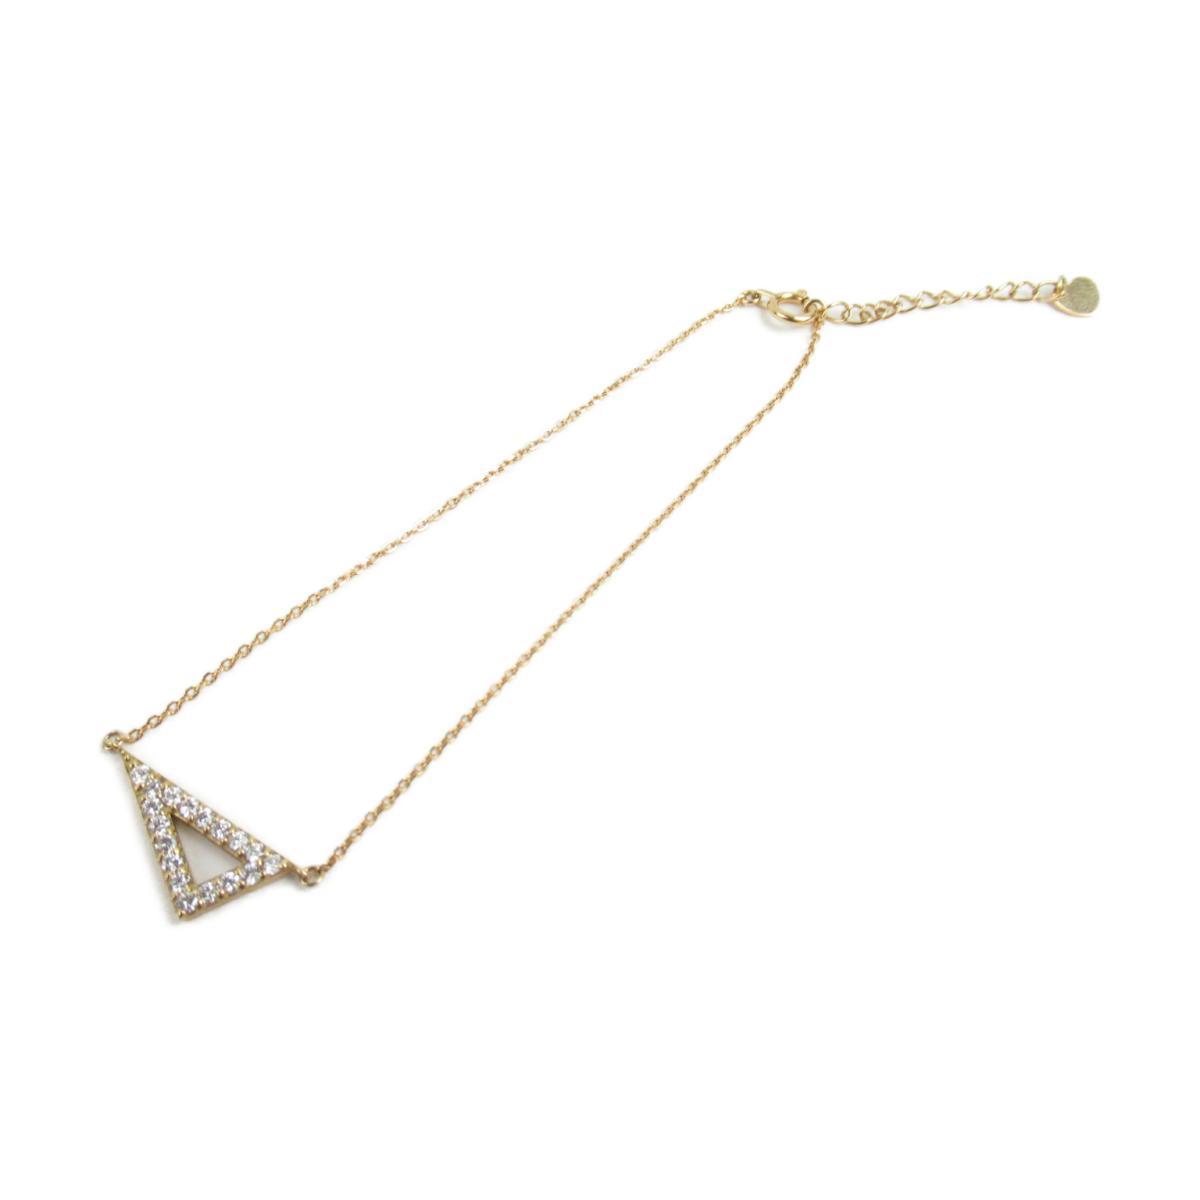 【中古】 ジュエリー ダイヤモンド ブレスレット レディース K18YG (750) イエローゴールド x ダイヤモンド0.25ct | JEWELRY BRANDOFF ブランドオフ ブランド アクセサリー 腕輪